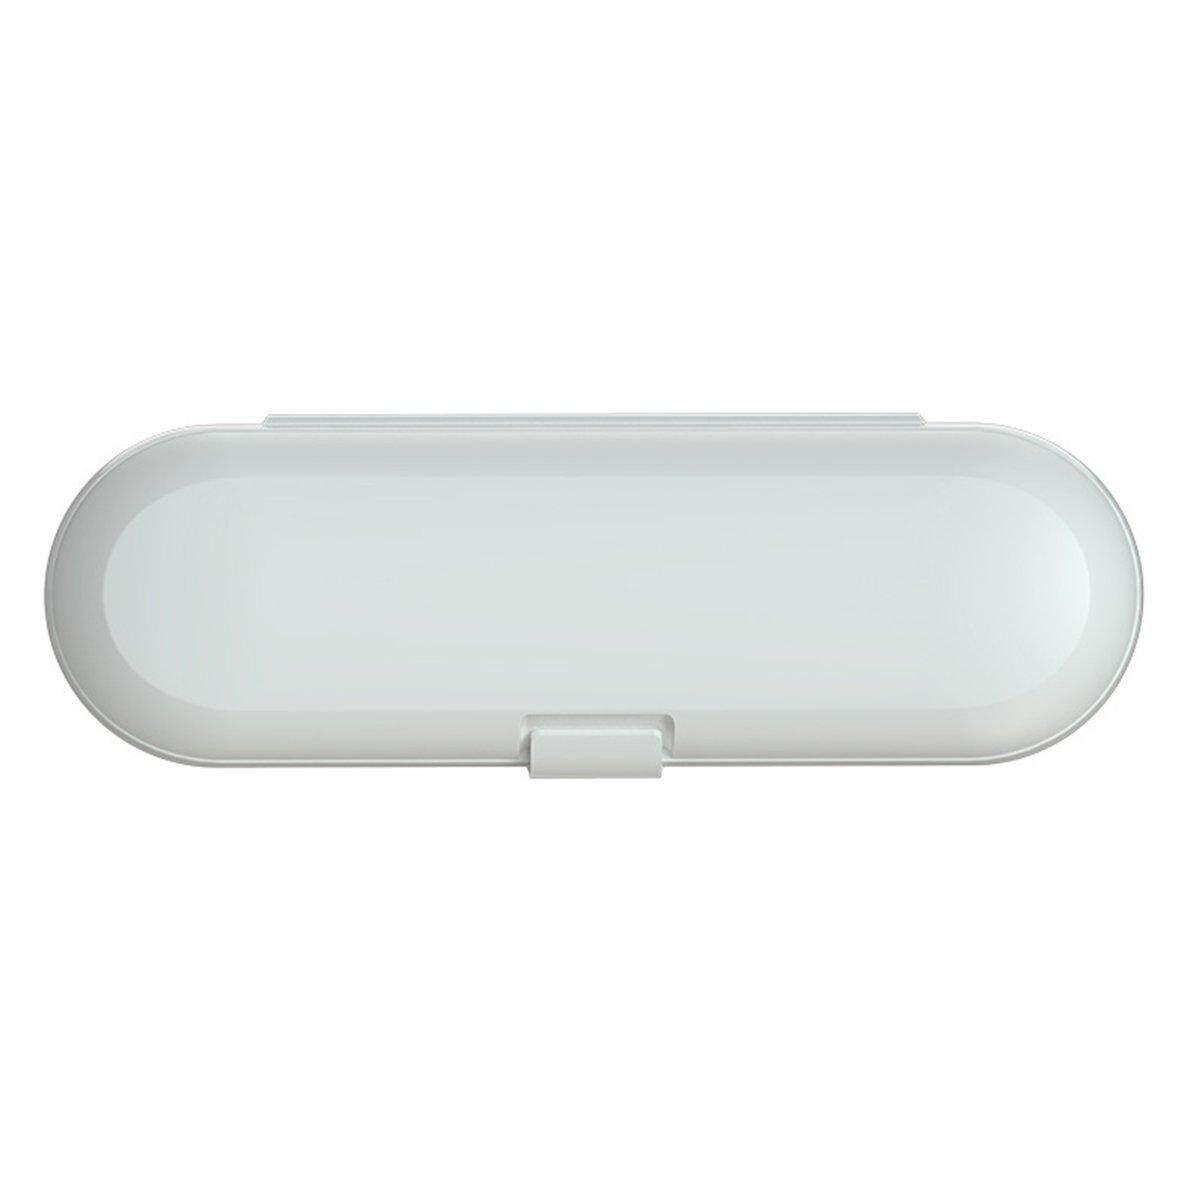 แปรงสีฟันไฟฟ้า ทำความสะอาดทุกซี่ฟันอย่างหมดจด เพชรบุรี ขาย TOP สำหรับ Philips ไฟฟ้า TOOT Hbrush กล่องแบบพกพา TOOT Hbrush กล่องเก็บของ